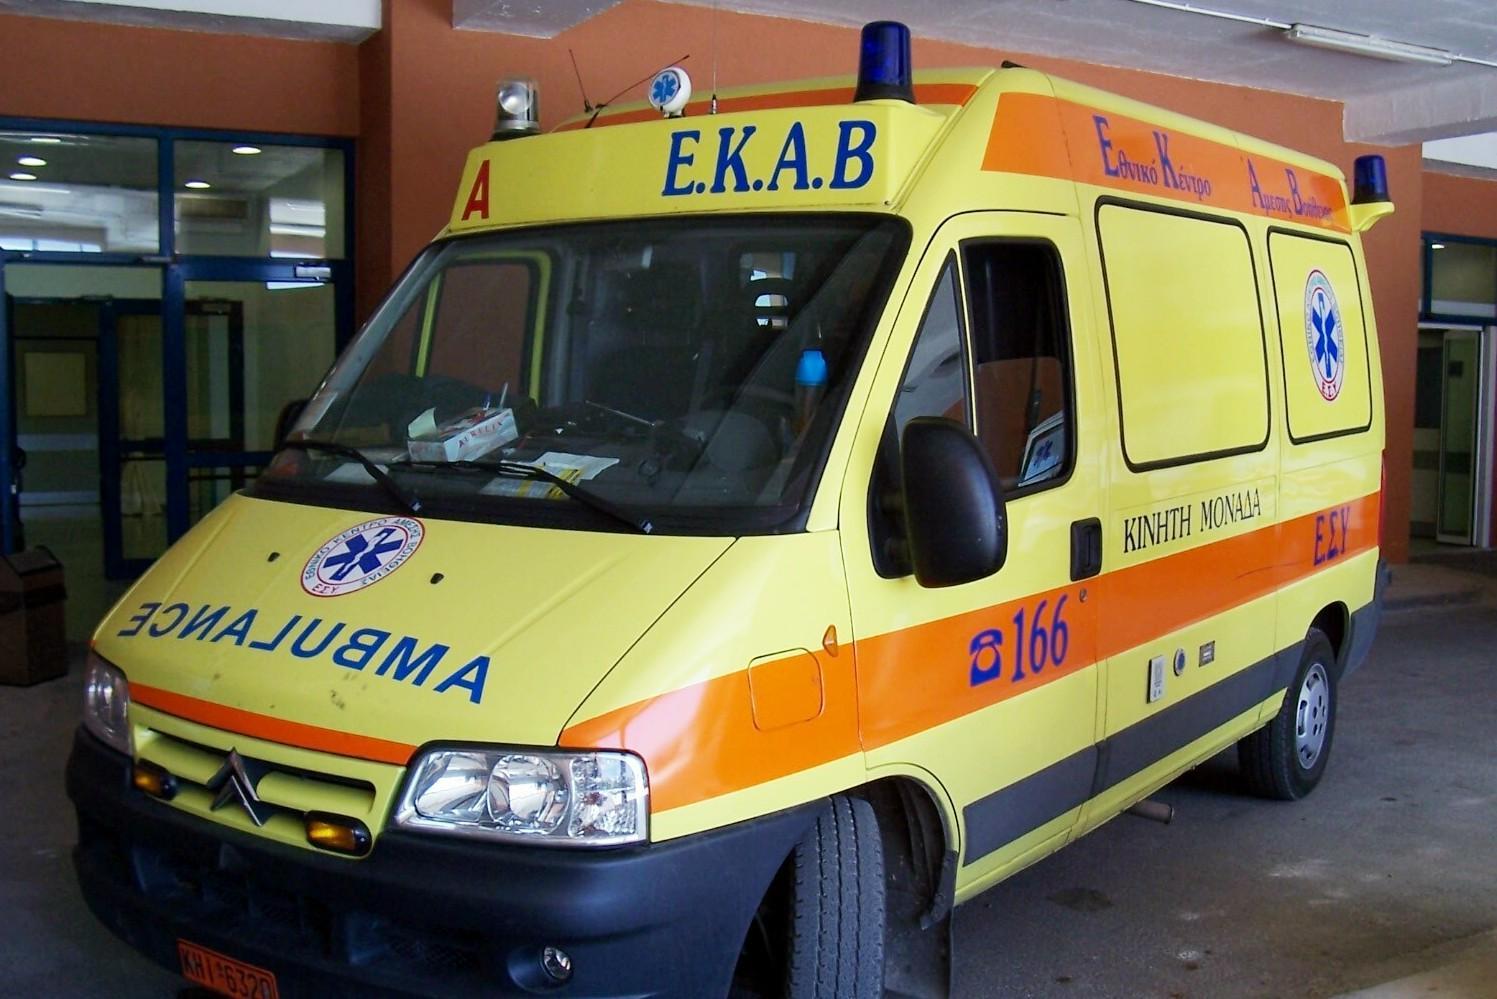 Σοβαρά ερωτήματα για τις συνθήκες θανάτου της 40χρονης από την Καστοριά